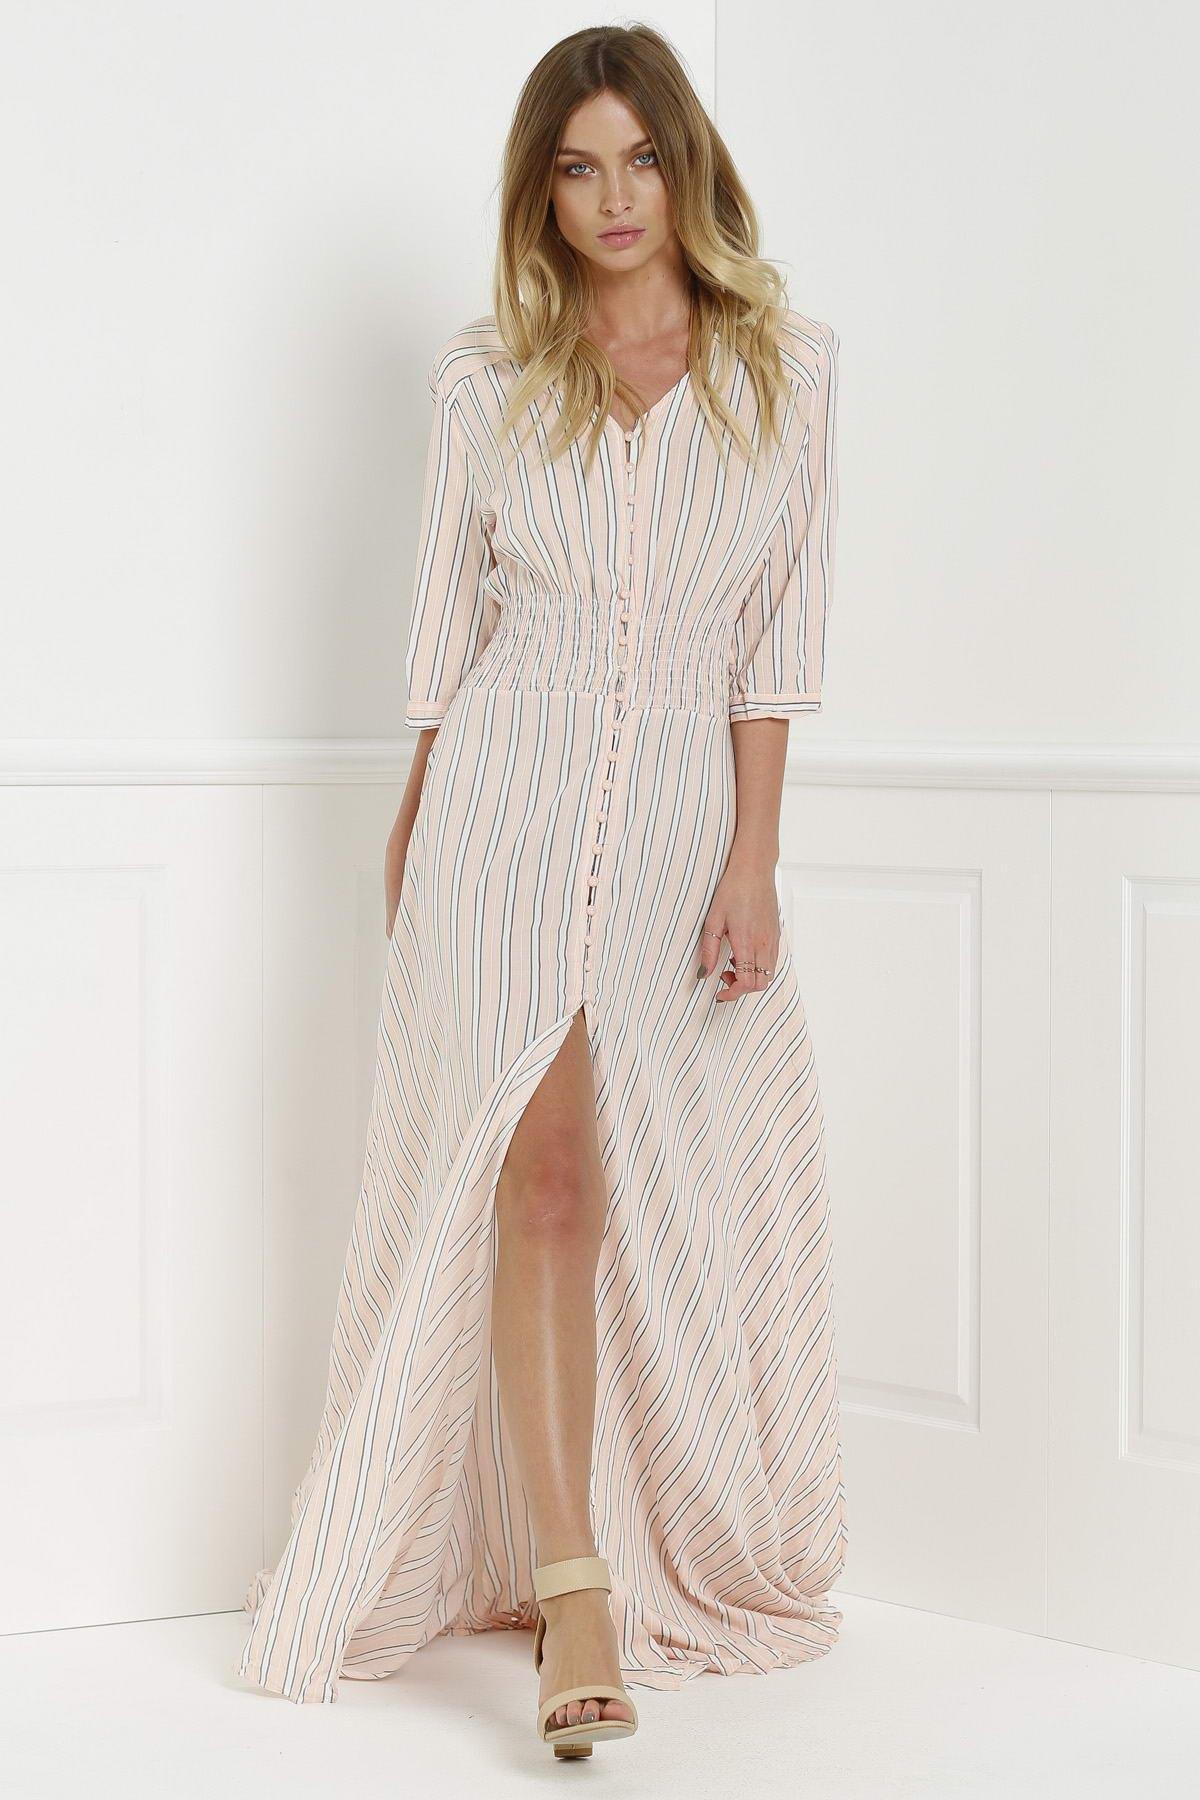 Fashionable V-Neck Stripe Slit 3/4 Sleeve Dress For Women